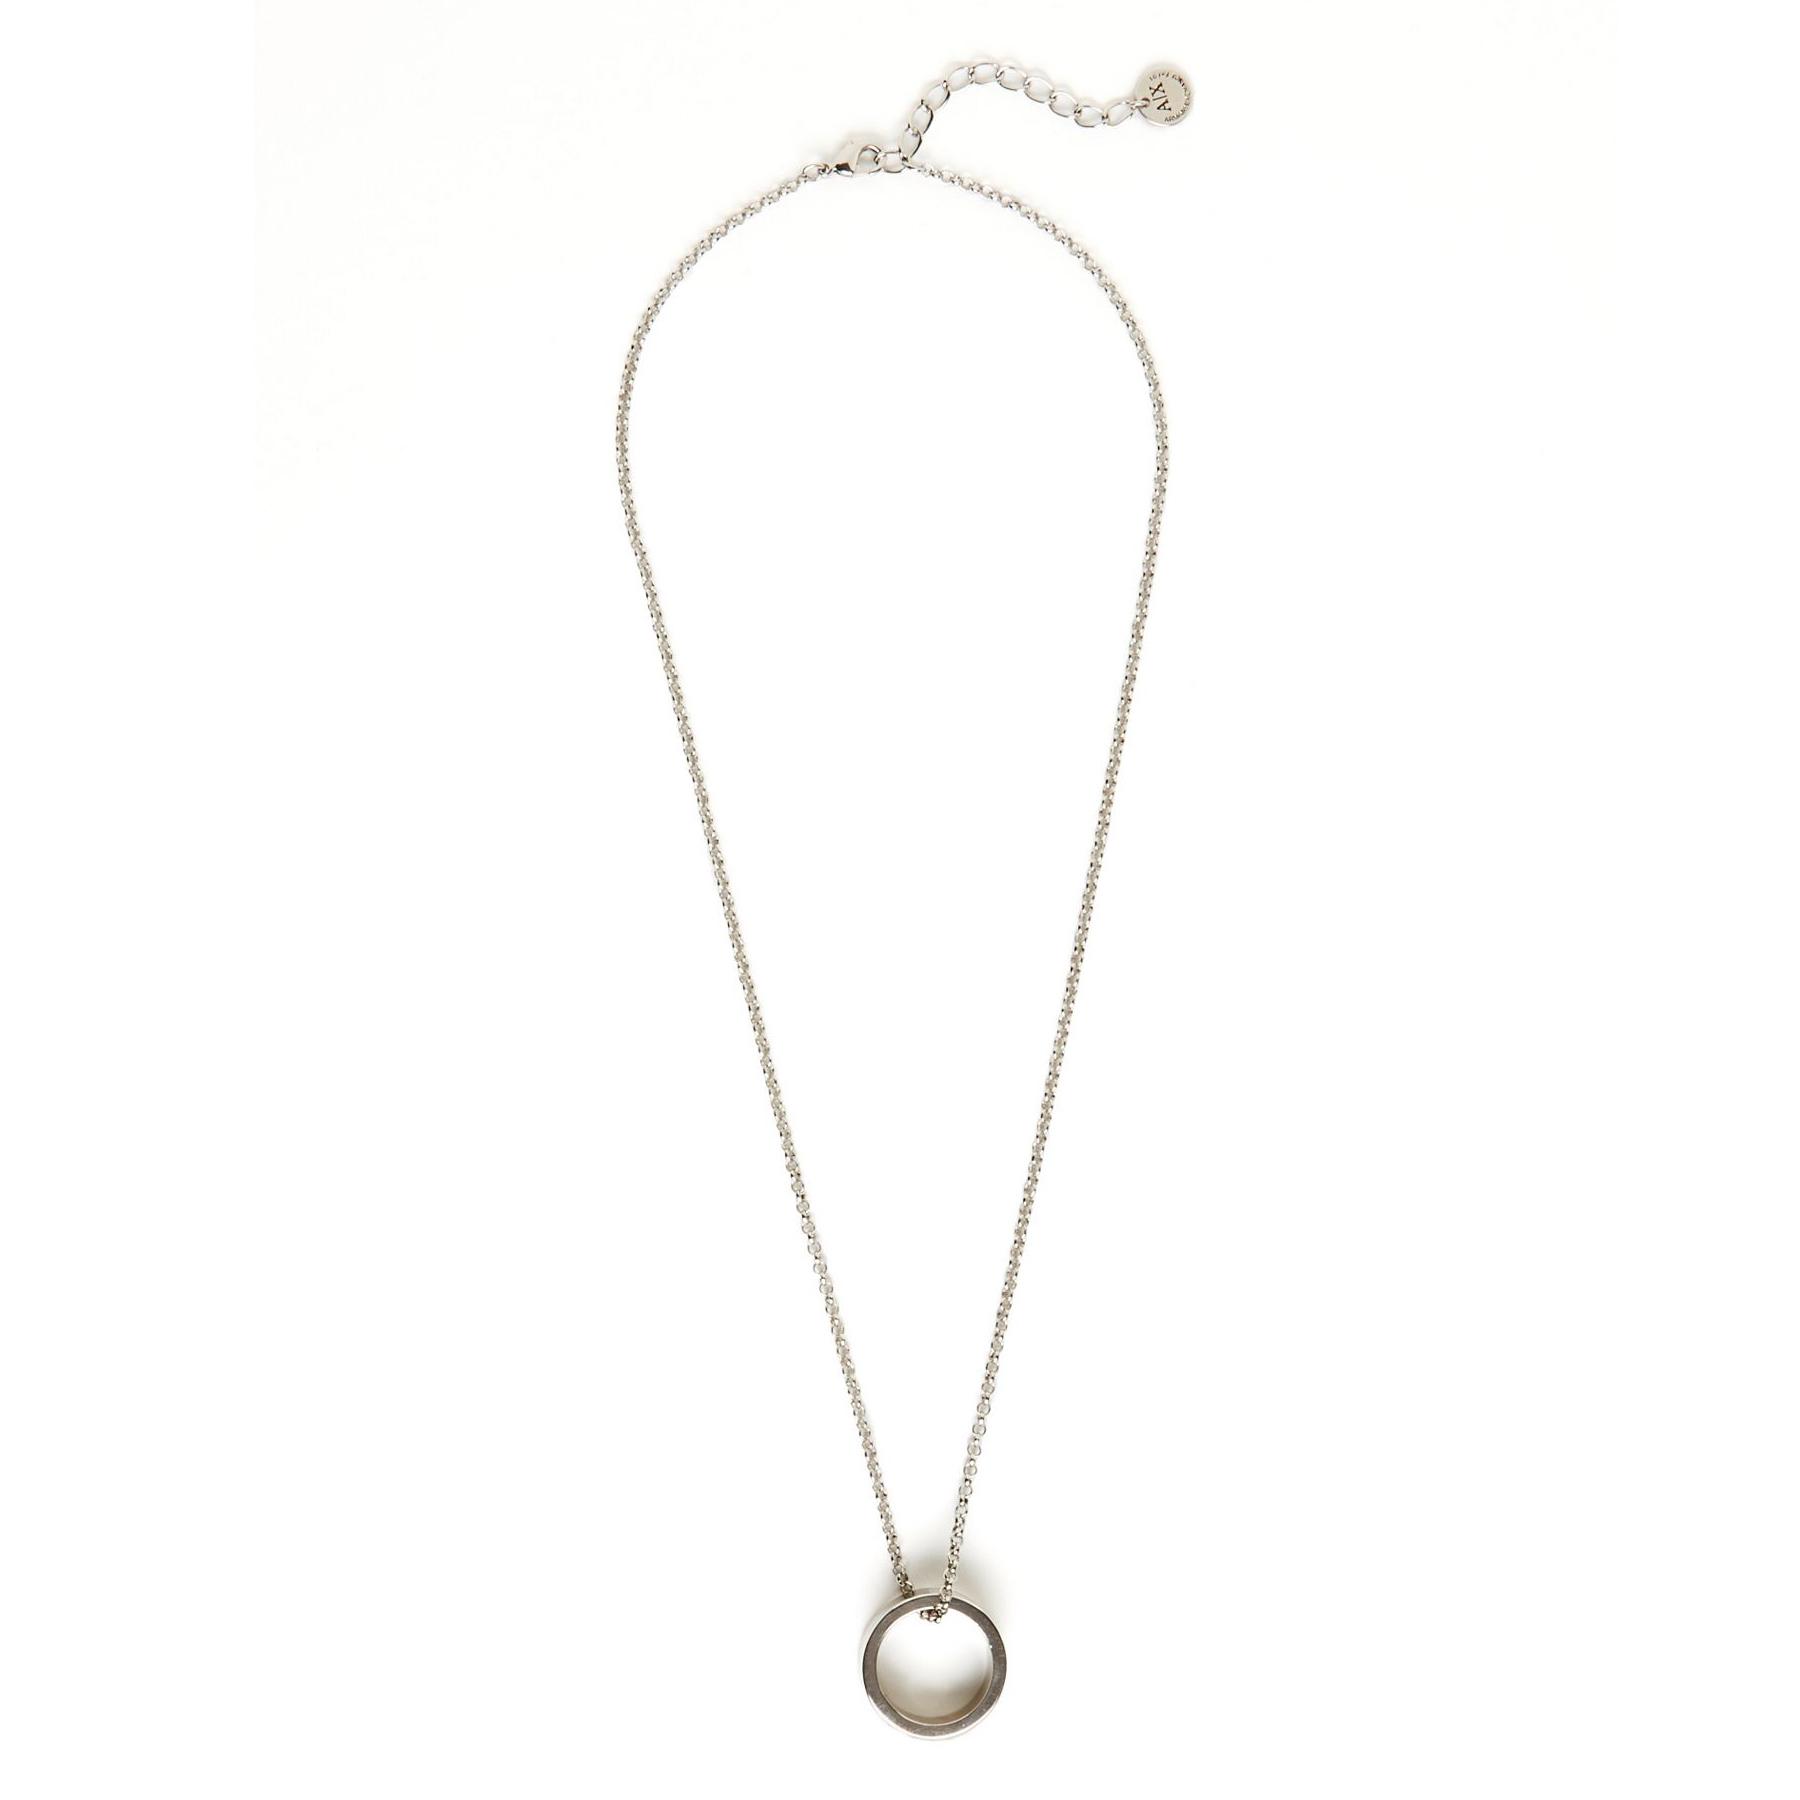 美國百分百【全新真品】Armani Exchange 項鍊 飾品 配件 戒指 AX 專櫃 男款 首飾 戒鍊 E657